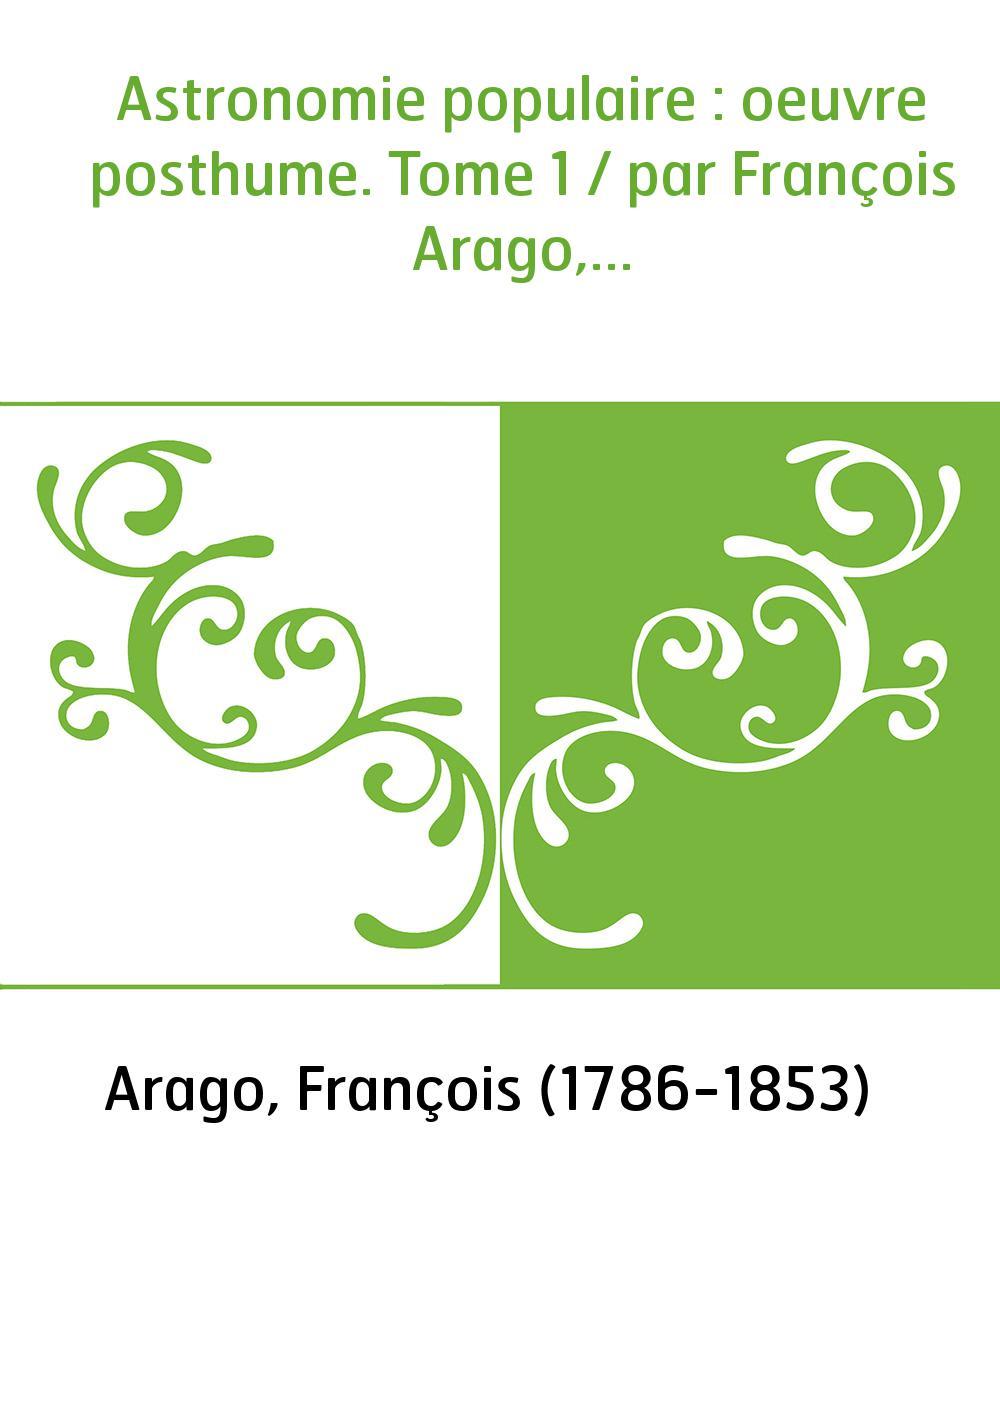 Astronomie populaire : oeuvre posthume. Tome 1 / par François Arago,...